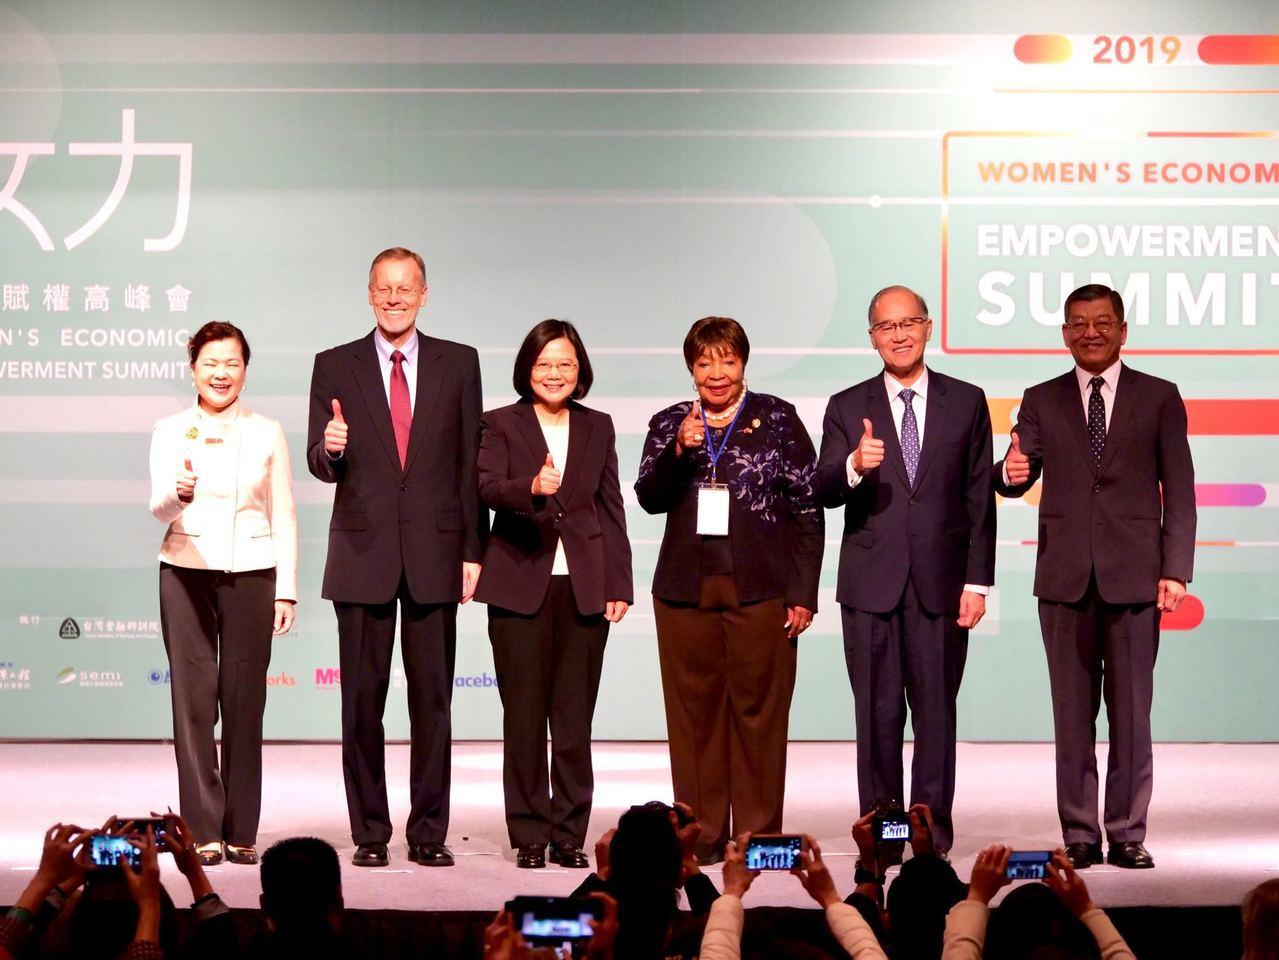 「女力經濟賦權高峰會(Women's Economic Empowerment ...